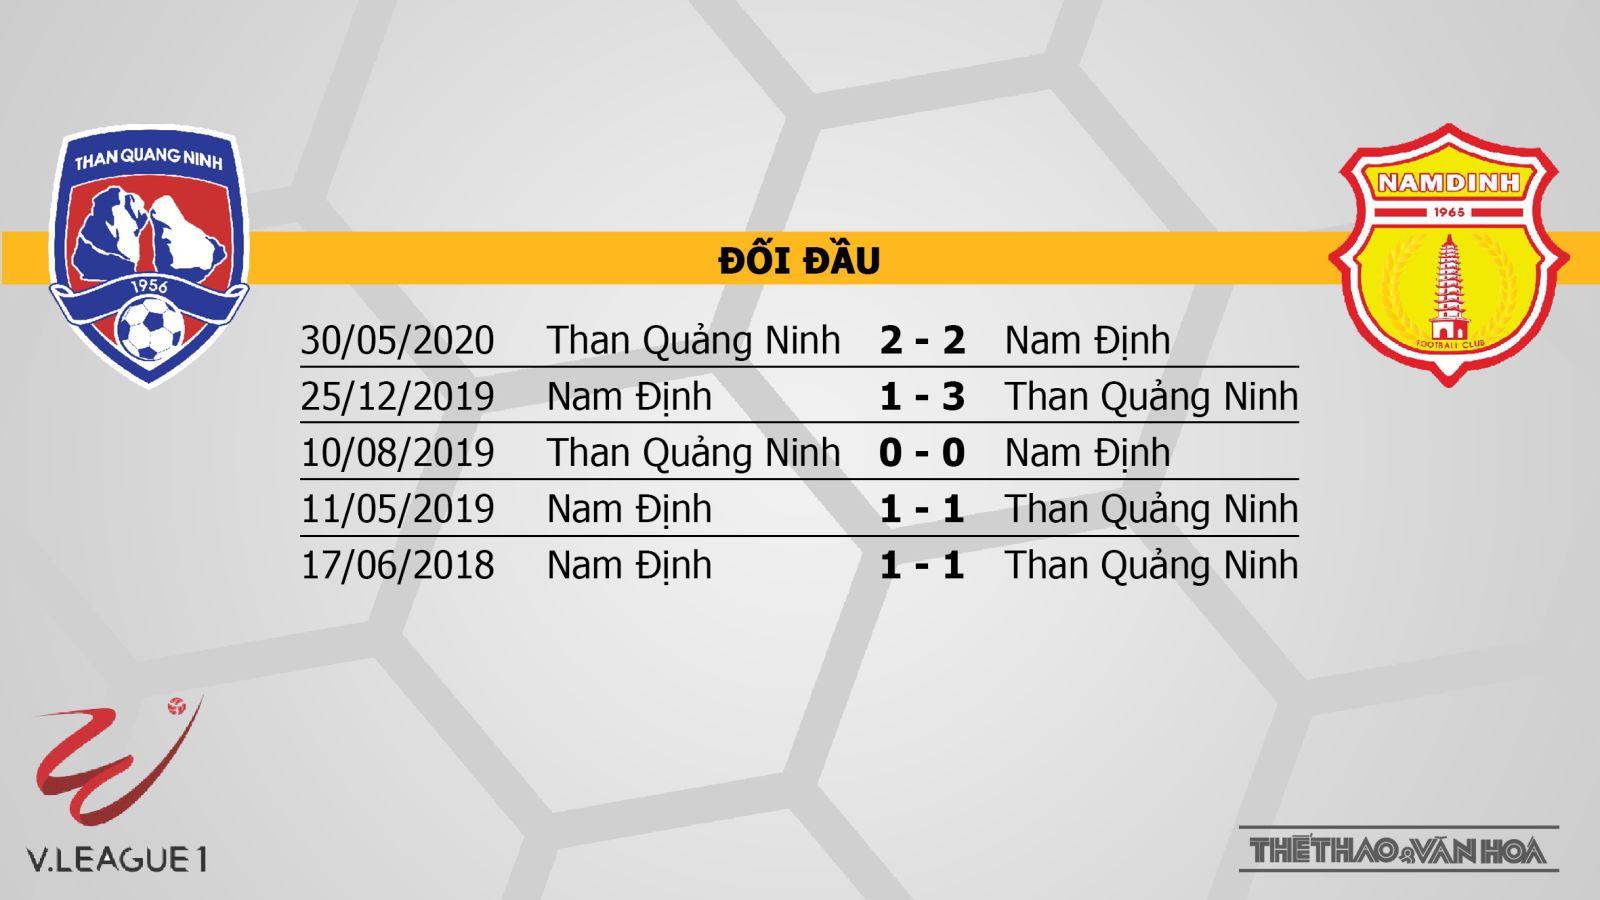 Than Quảng Ninh vsDNH Nam Định, bóng đá, trực tiếp bóng đá, Nam Định, lịch thi đấu bóng đá hôm nay, soi kèo, kèo bóng đá, V-League